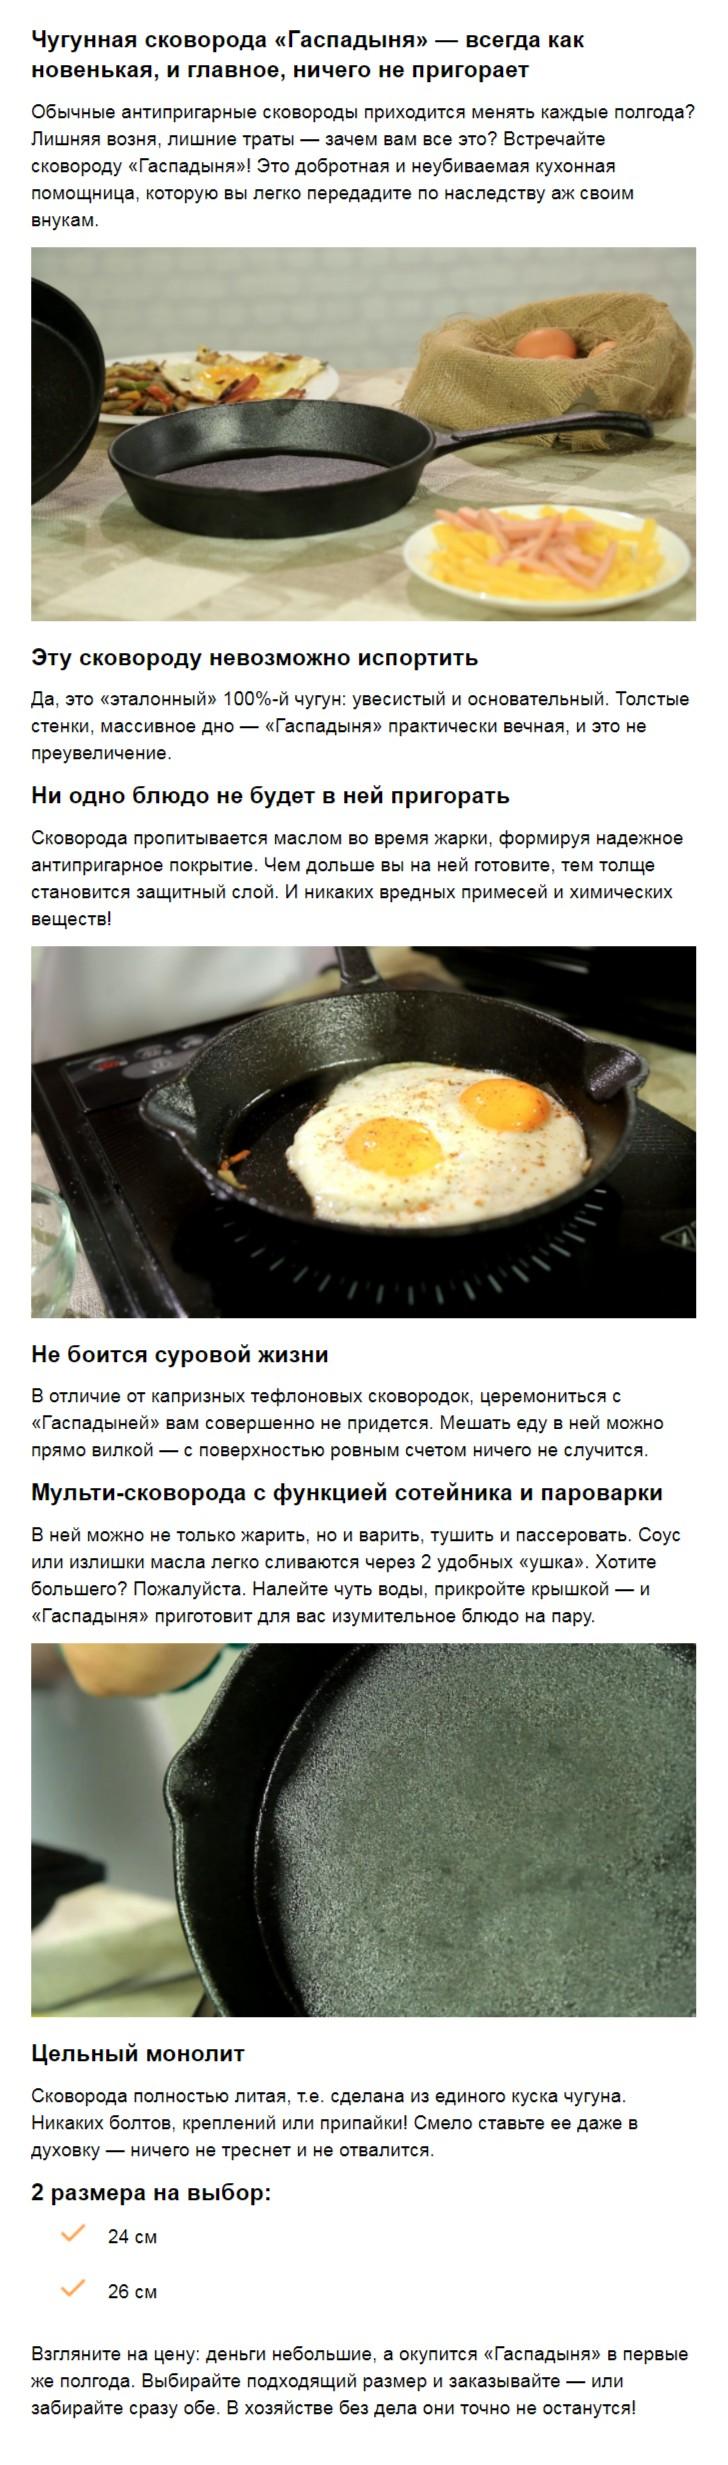 Сковорода Гаспадыня: добротная, неубиваемая. И никаких церемоний